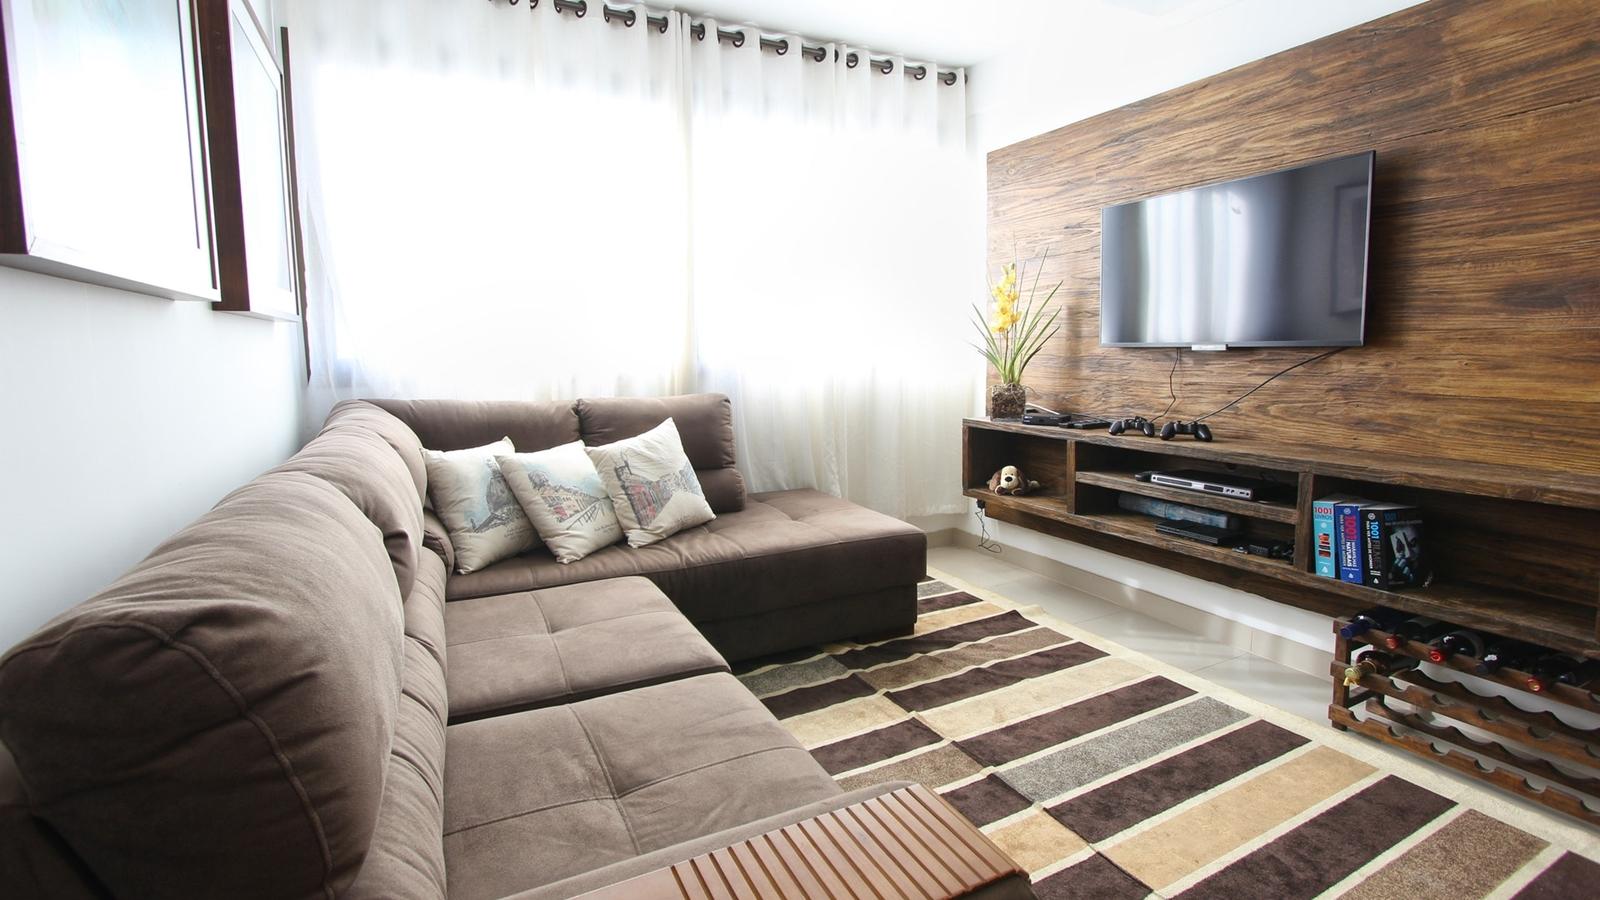 TV an der Wand im Wohnzimmer